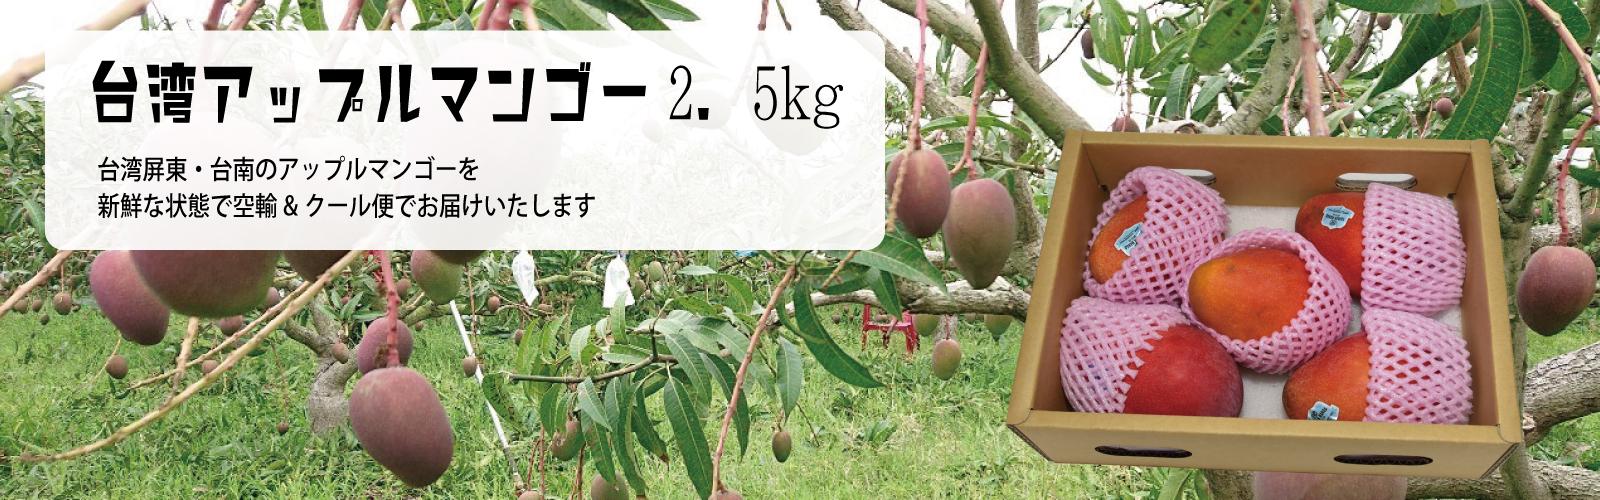 台湾アップルマンゴー2.5kgのご購入はこちら